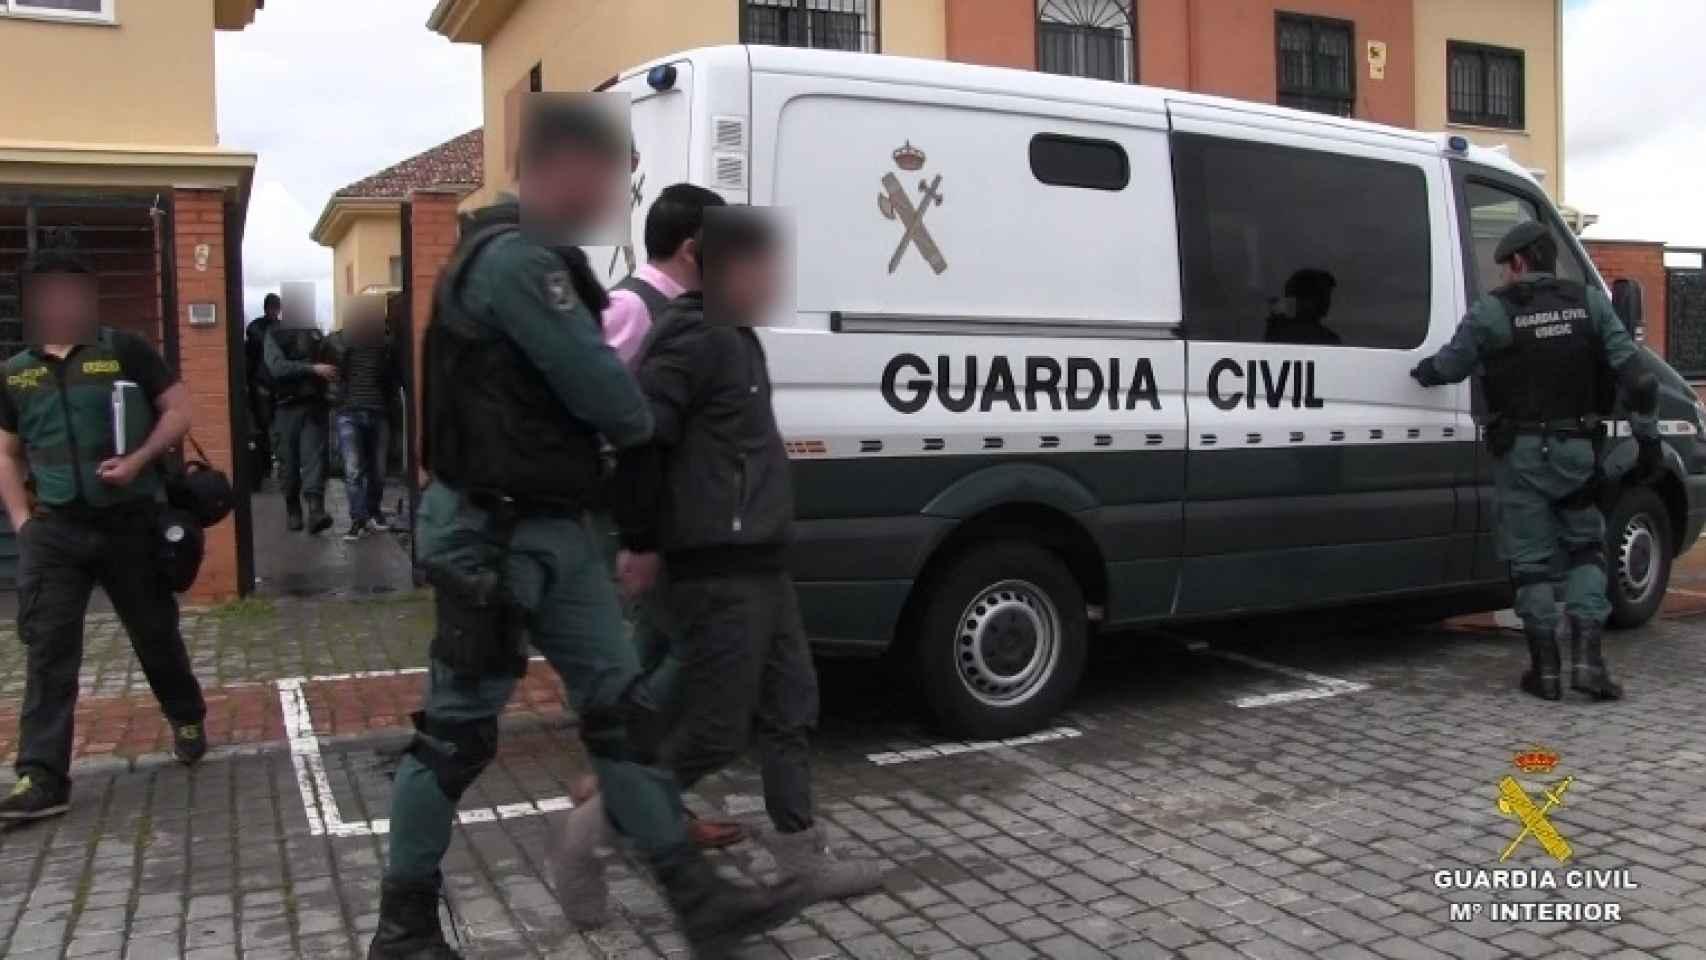 La Guardia Civil detiene a una de las personas relacionadas con esta red de explotación.